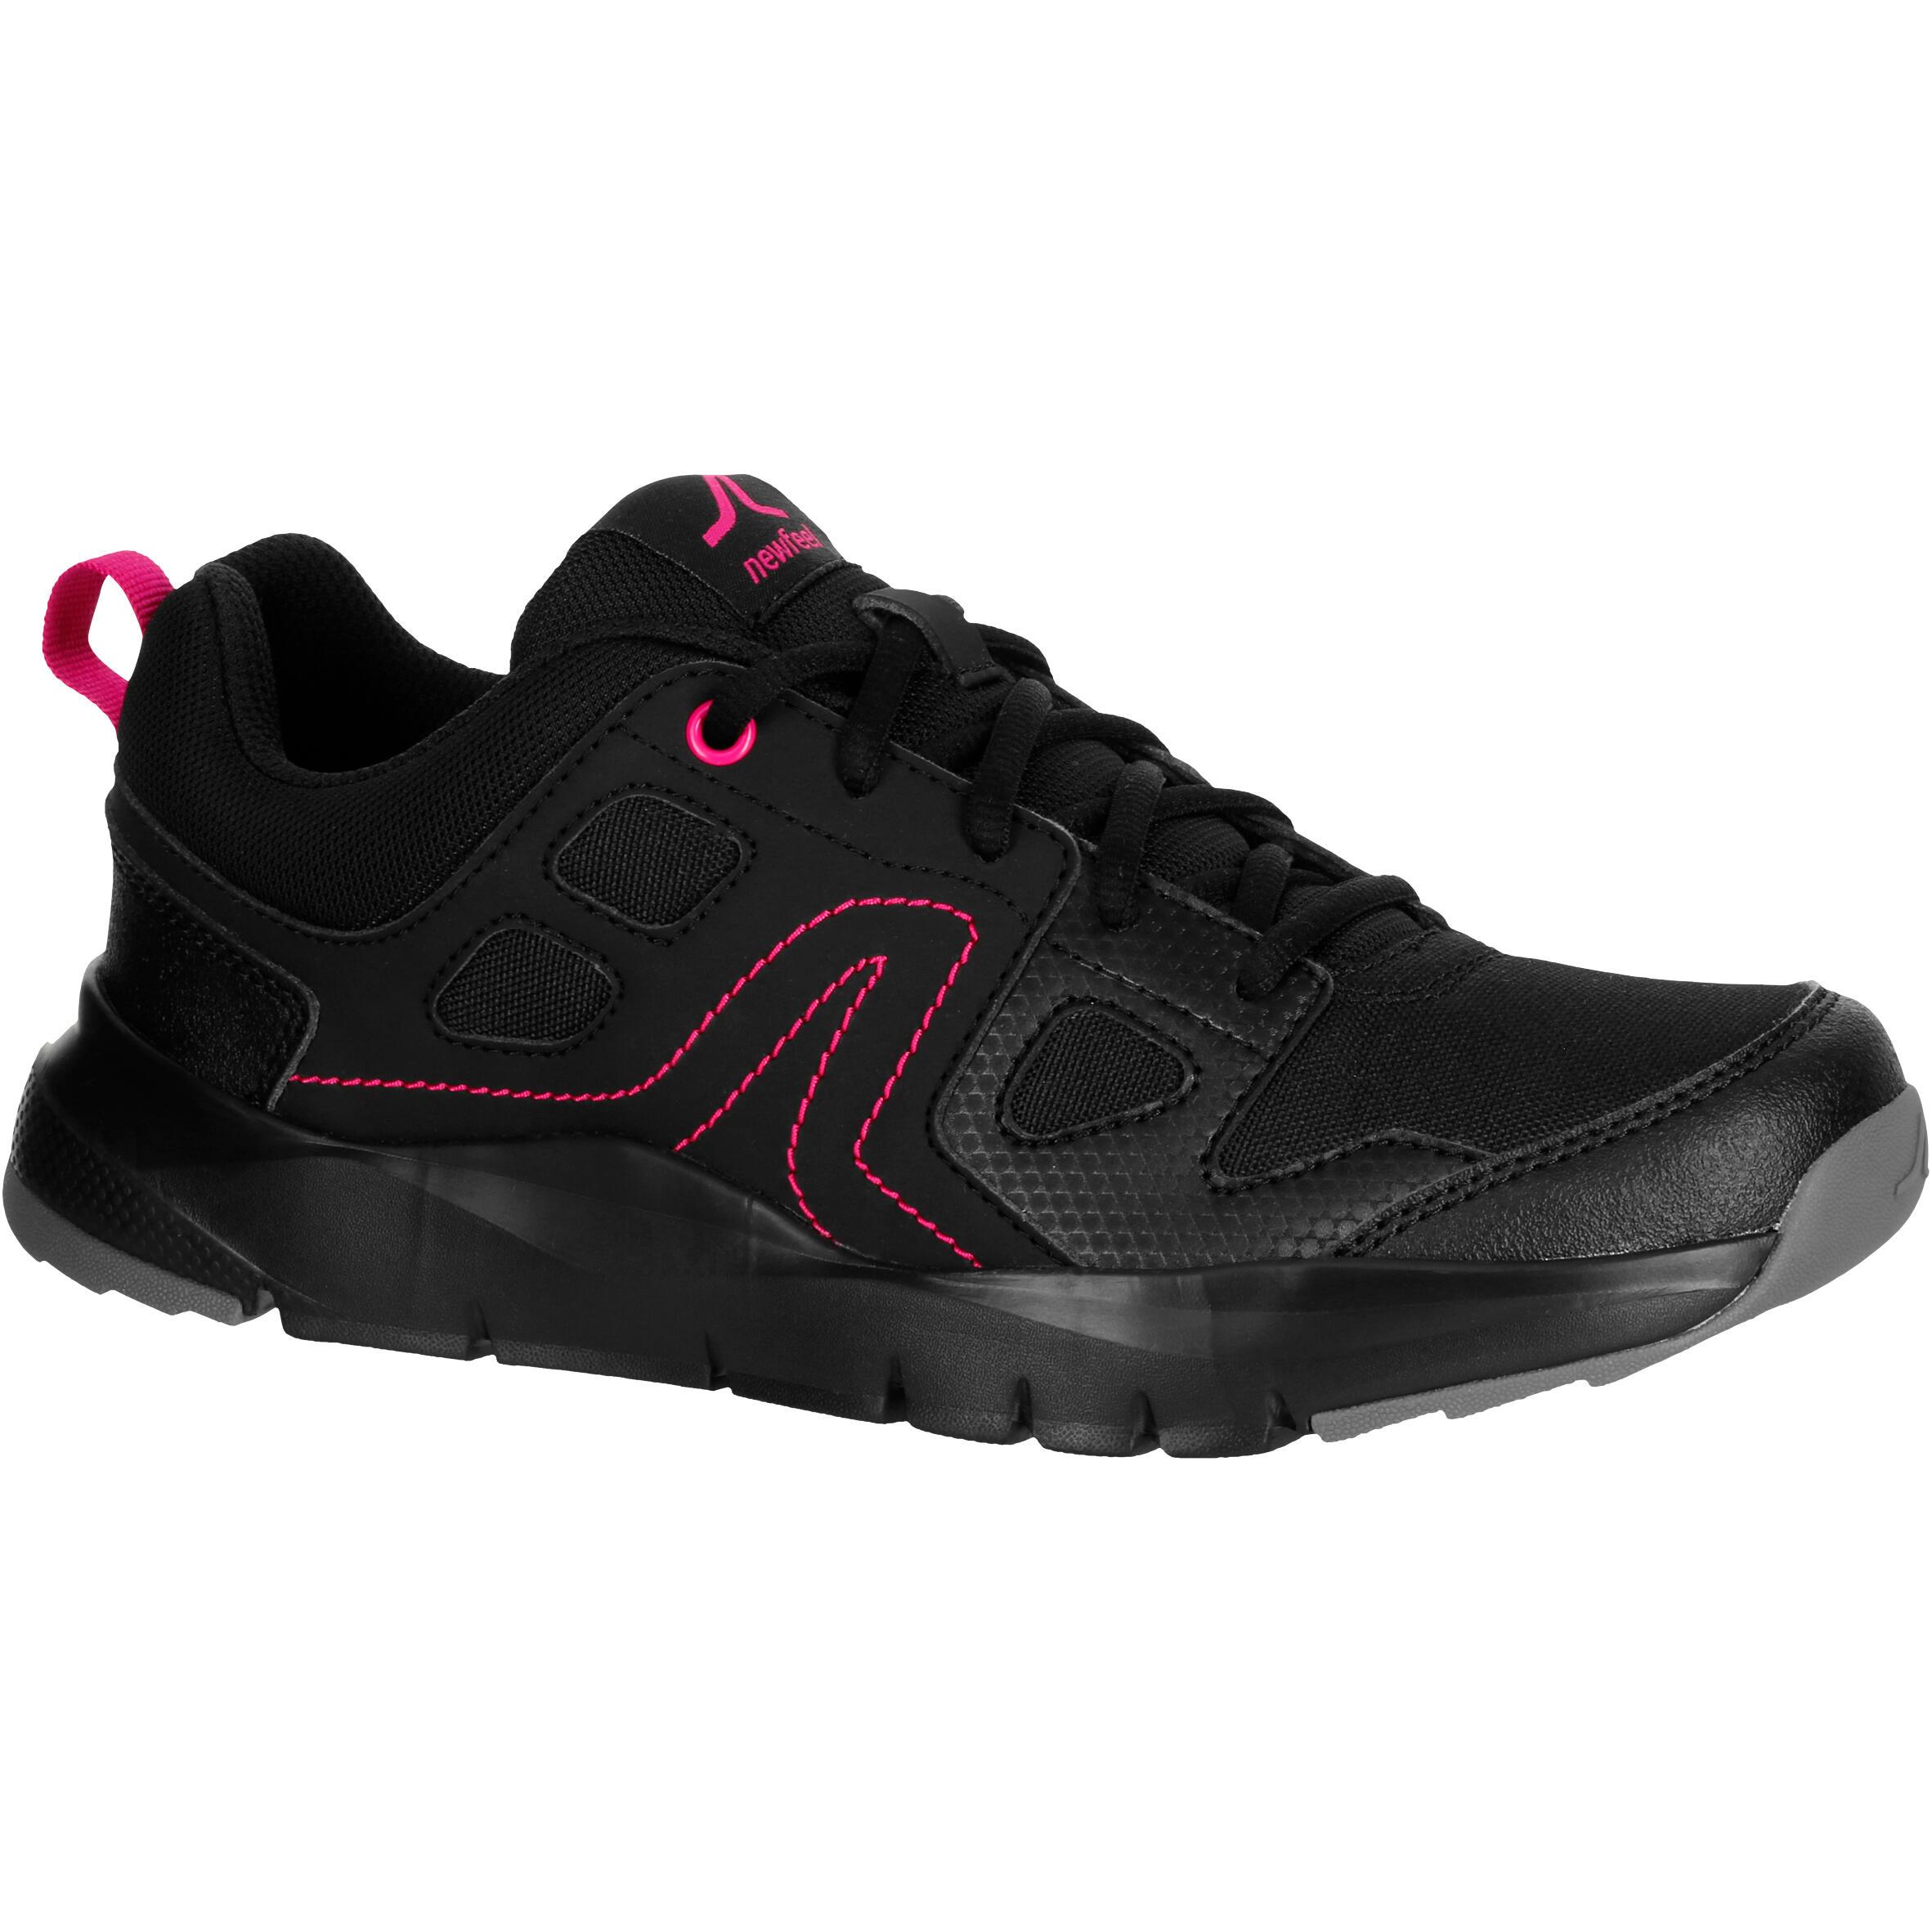 Newfeel Damessneakers voor sportief wandelen HW 100 zwart / roze